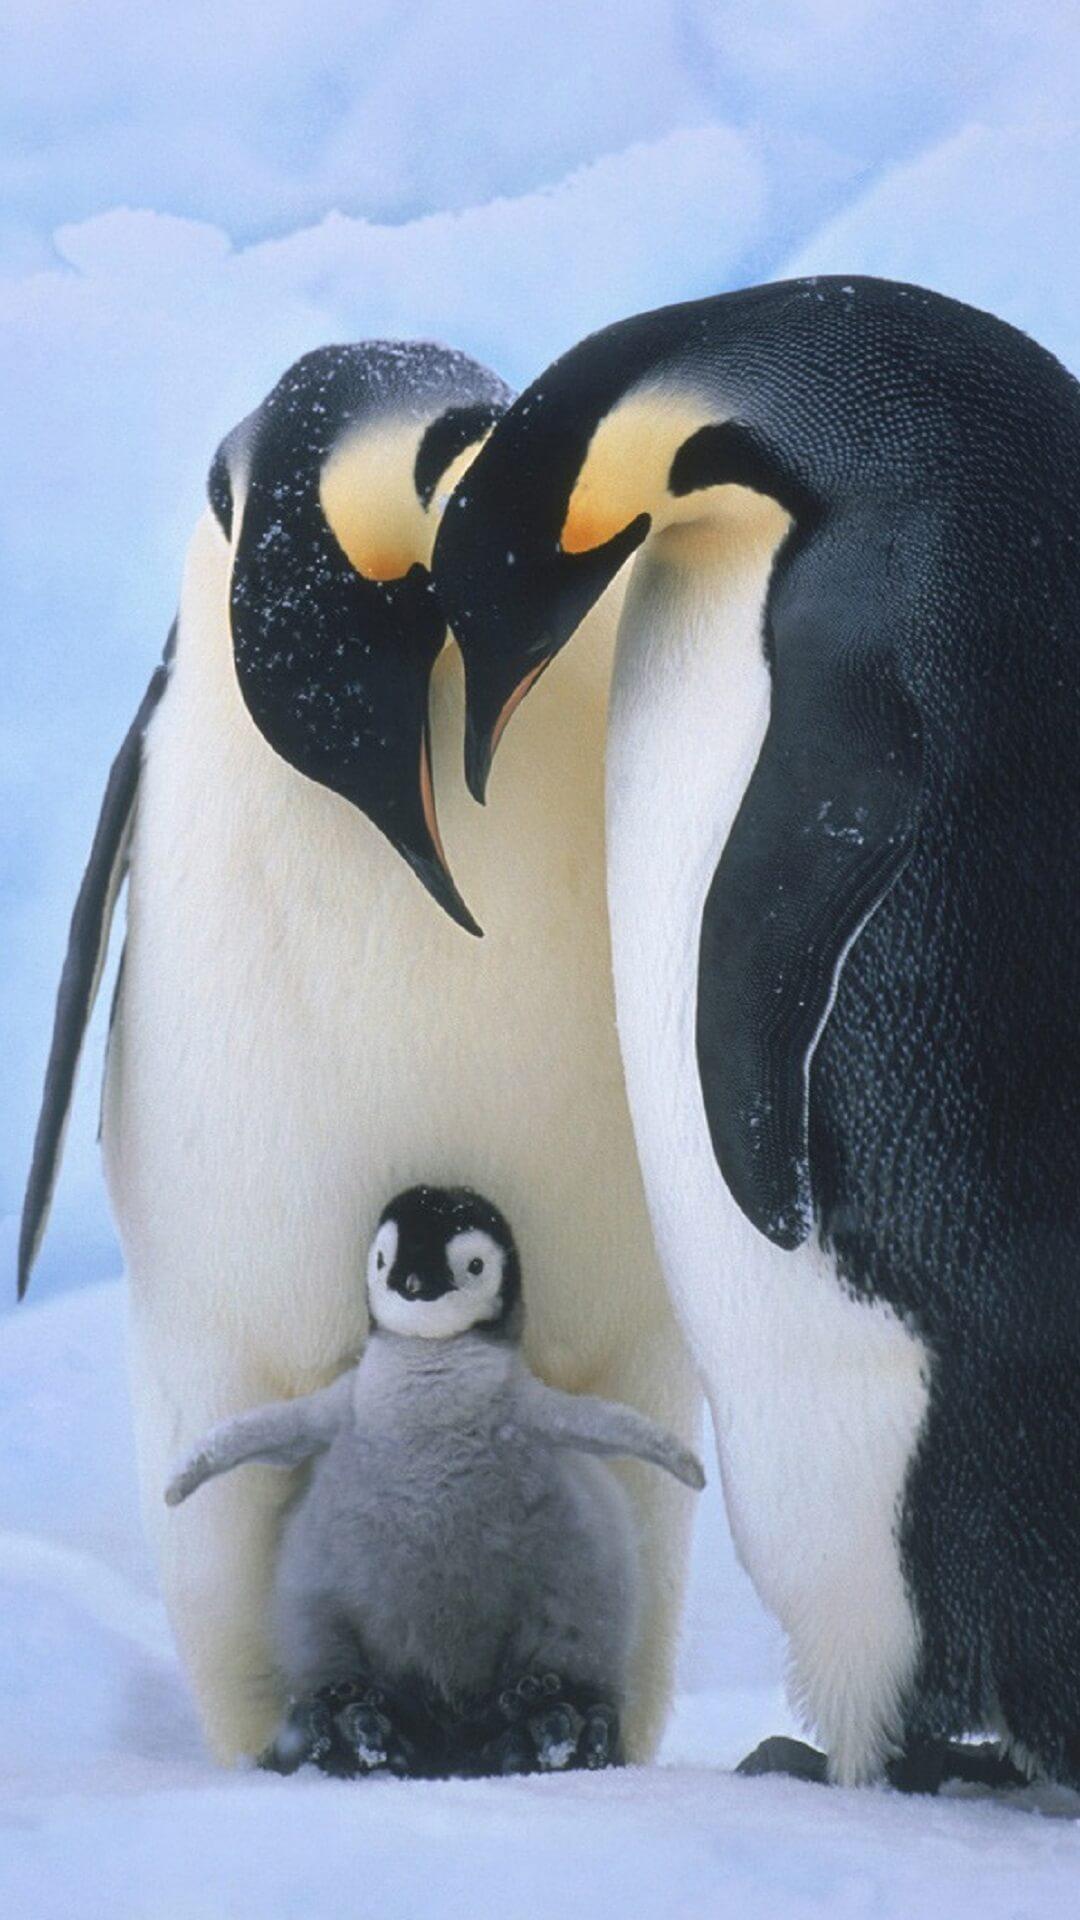 صورة لطيور البطريق ! - صفحة 2 Screen-2.jpg?fakeurl=1&type=